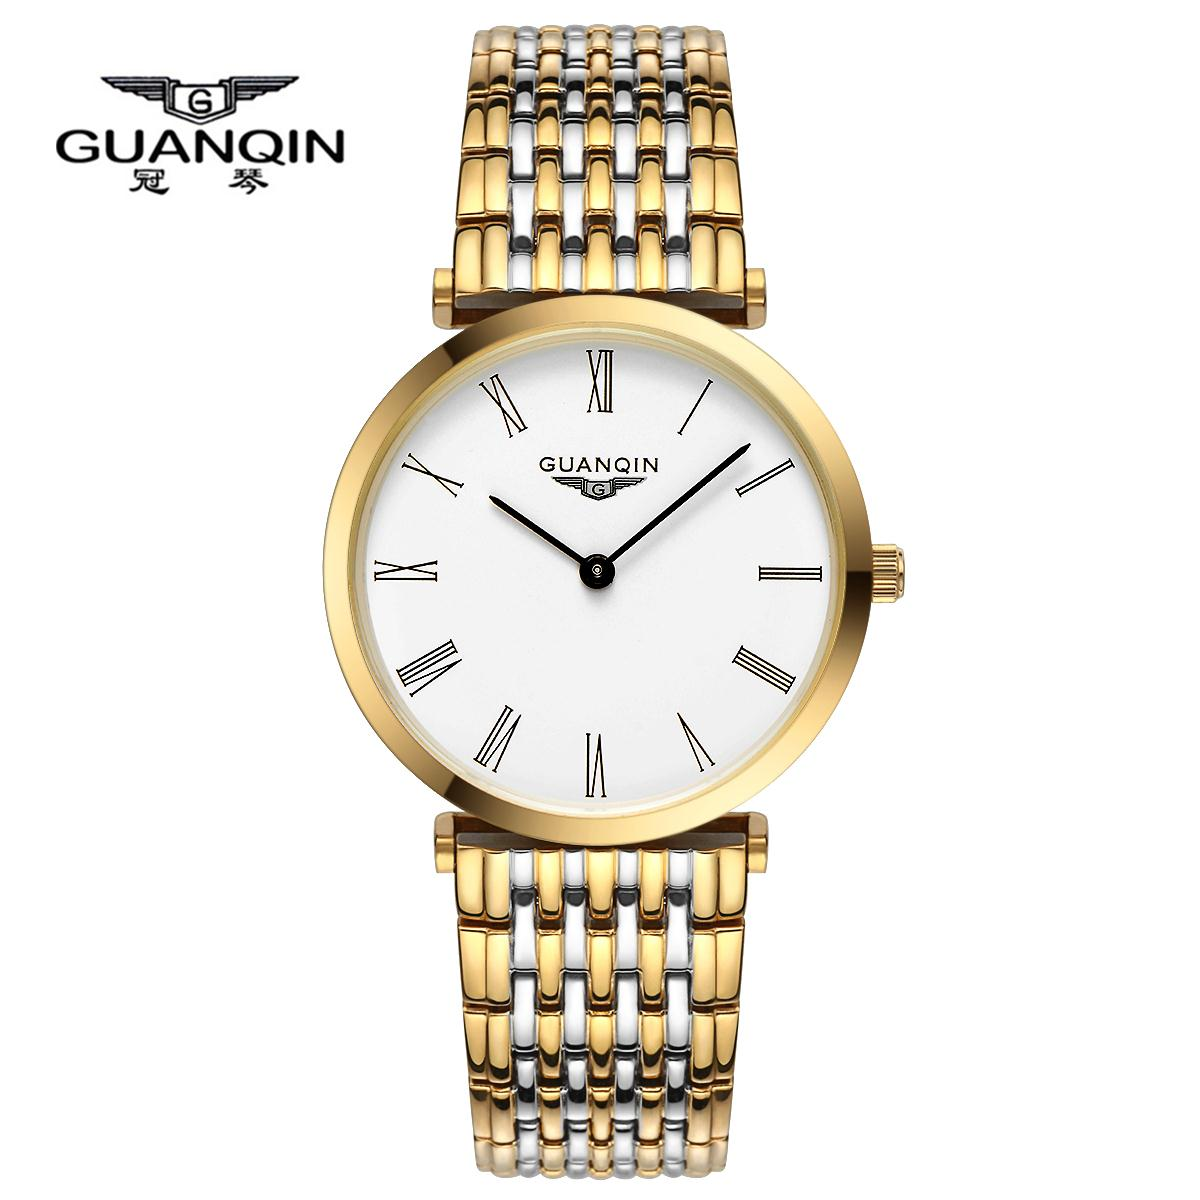 Muhsein ультра тонкая полоска мужские часы Повседневная Водонепроницаемая любителей смотреть мужской женский формы кварцевые часы